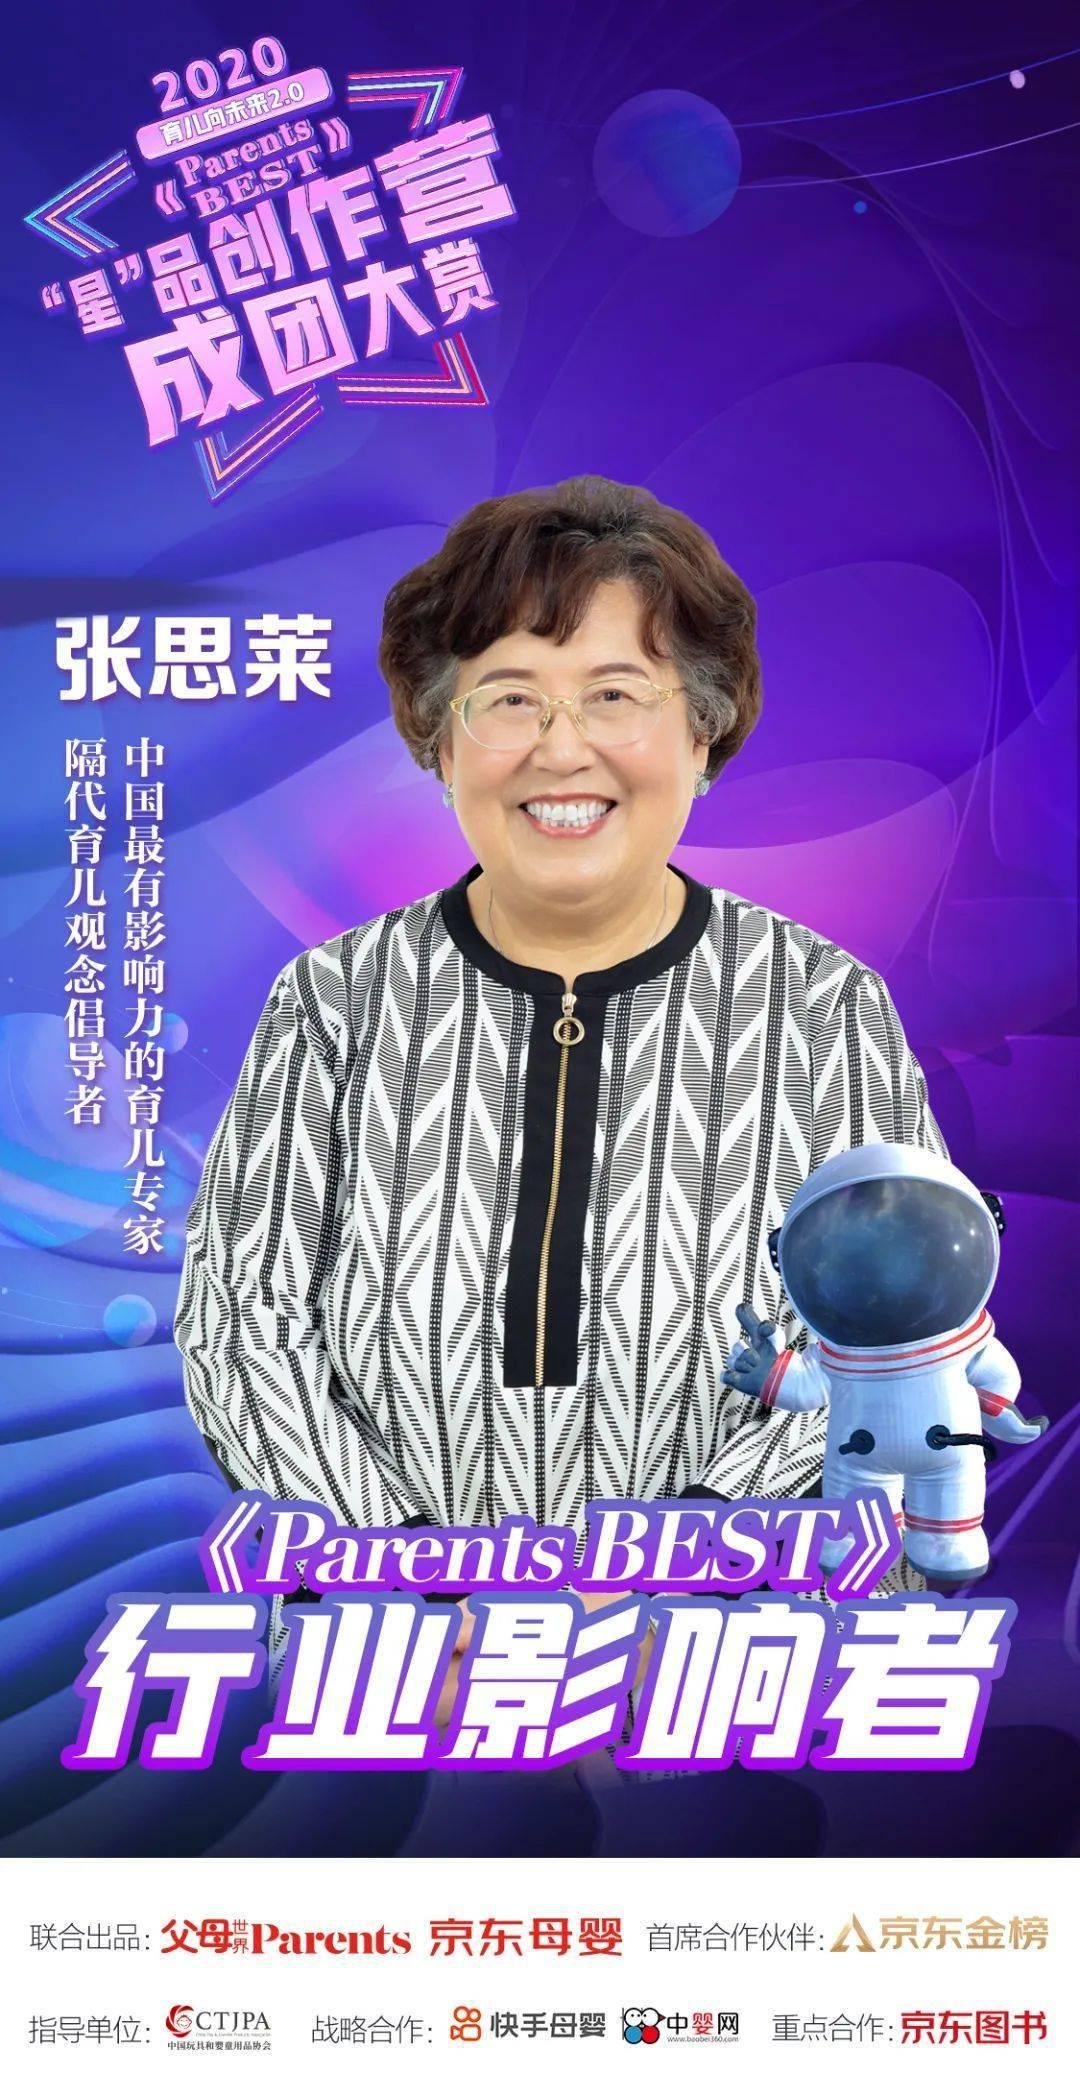 家长最好是由张思莱,一个国家的祖母,教你正确的育儿方式!